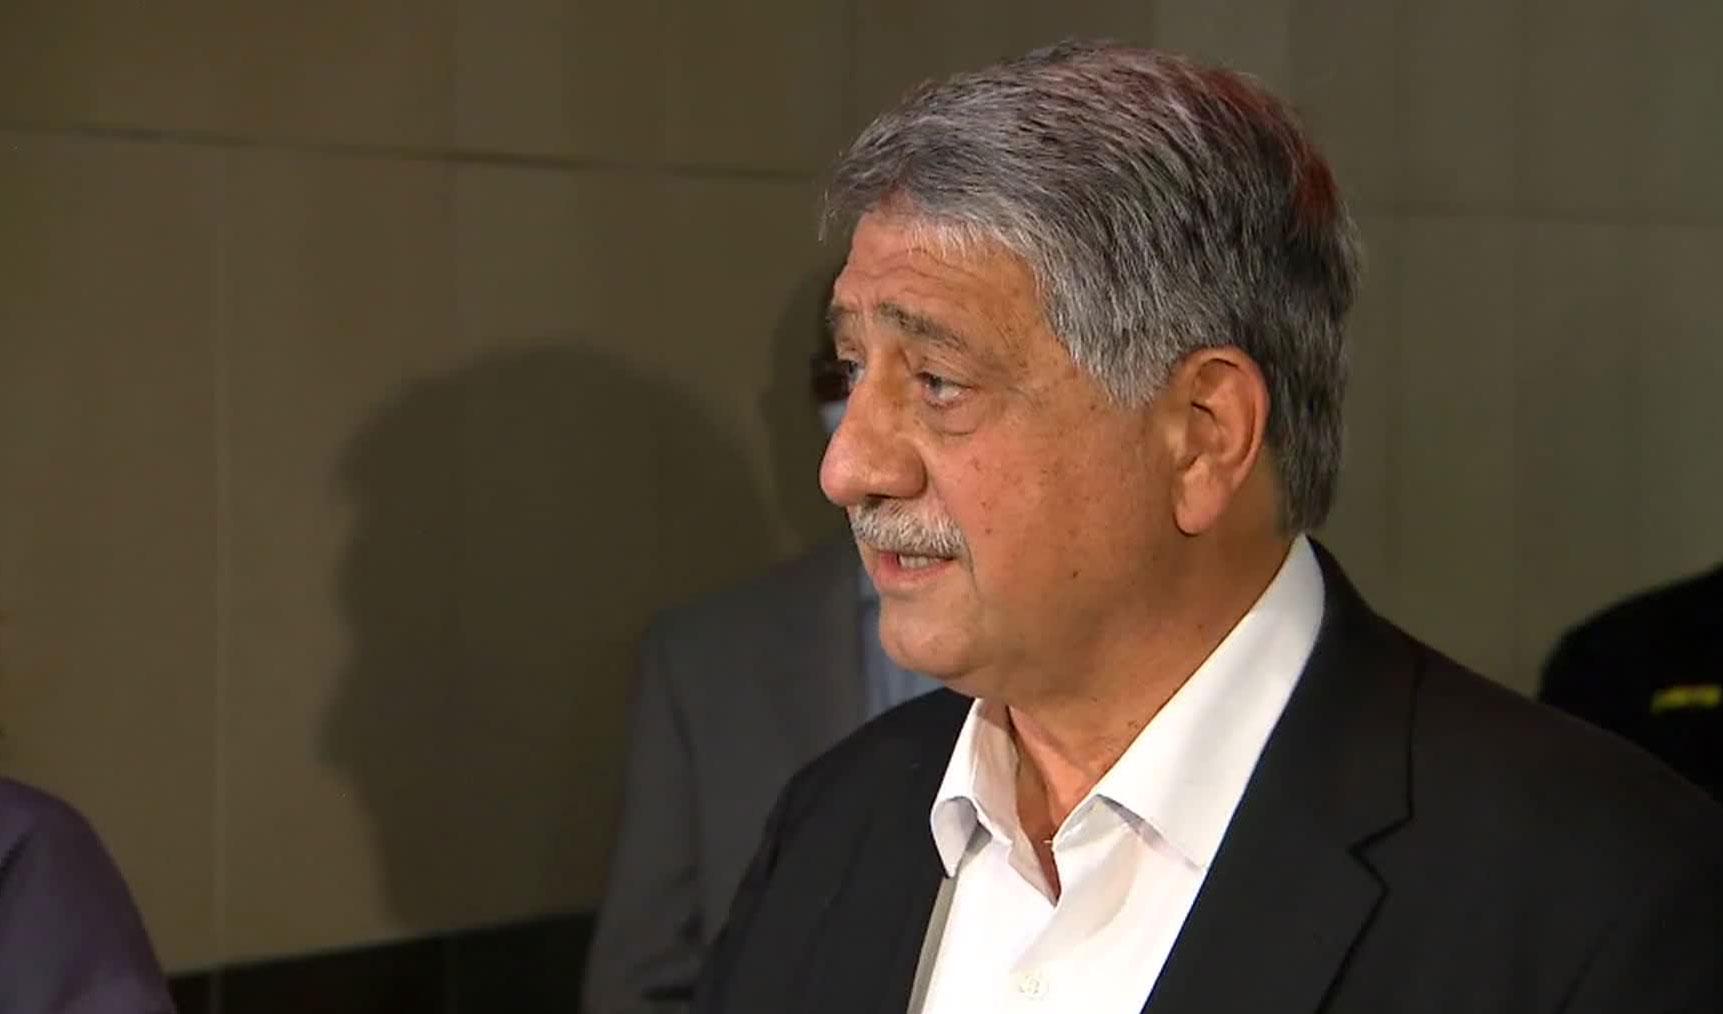 Kenosha Mayor John Antaramian speaks at a press conference on August 31.